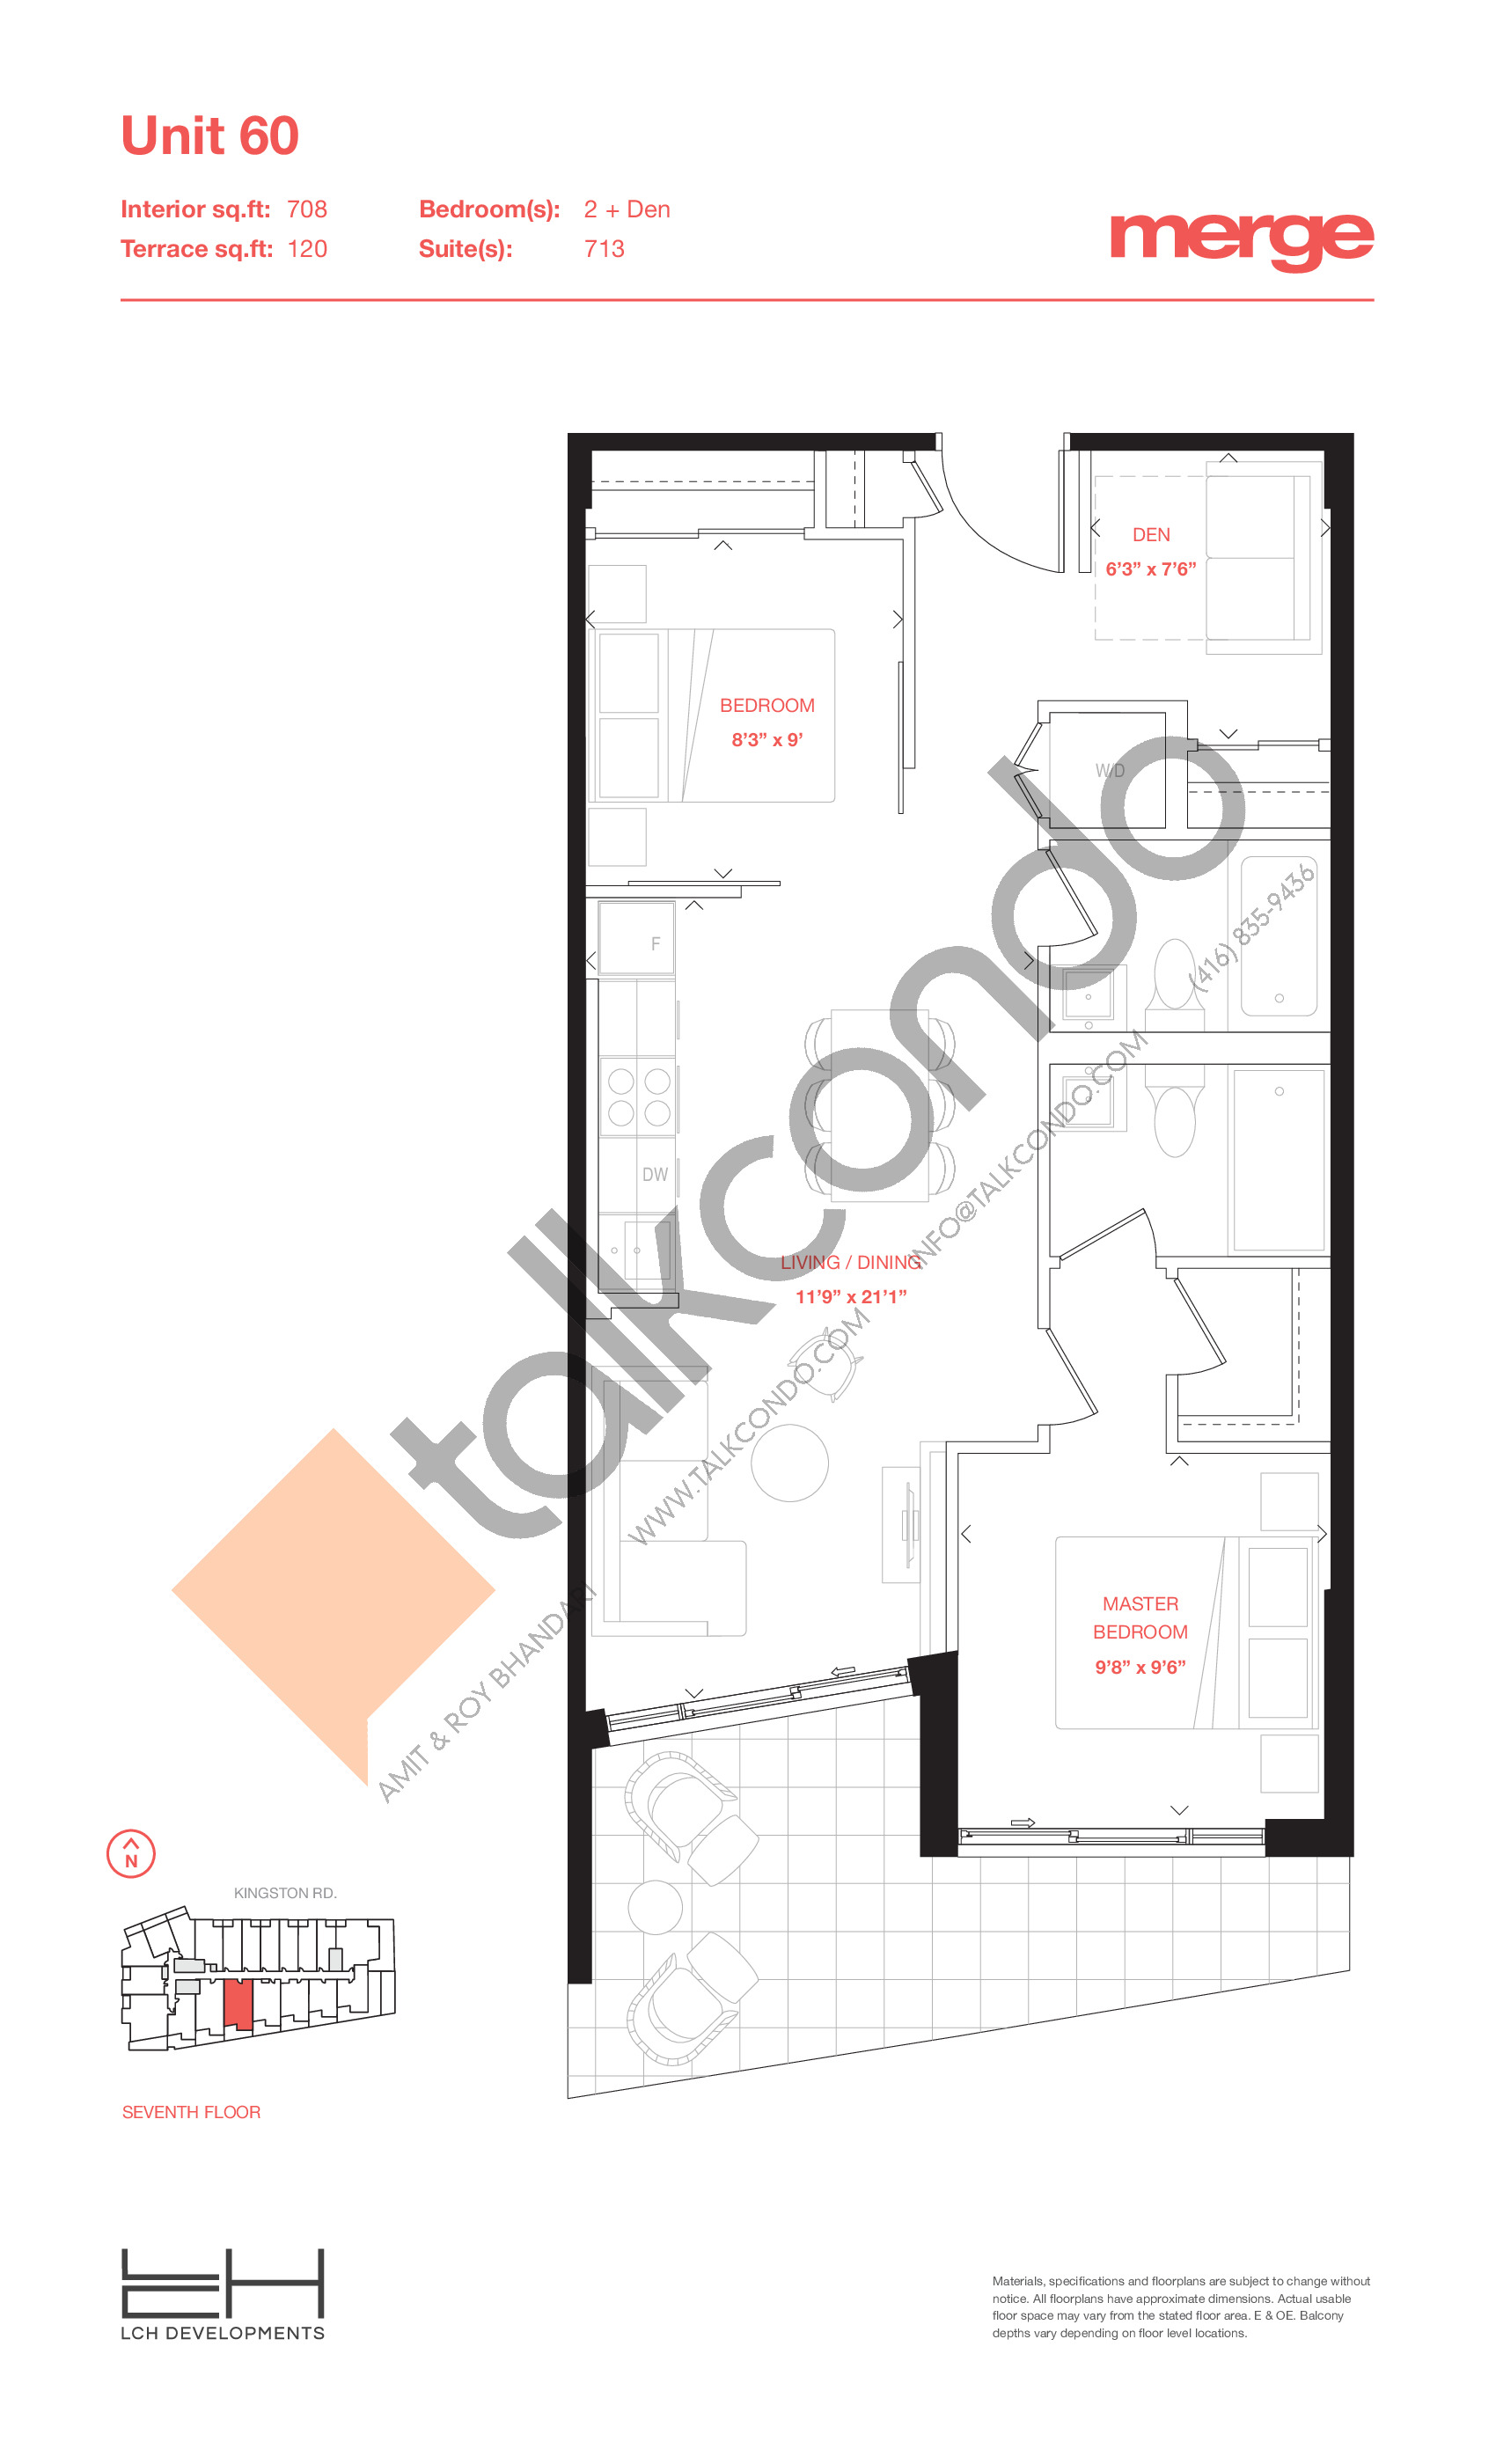 Unit 60 - Terraces Floor Plan at Merge Condos - 708 sq.ft